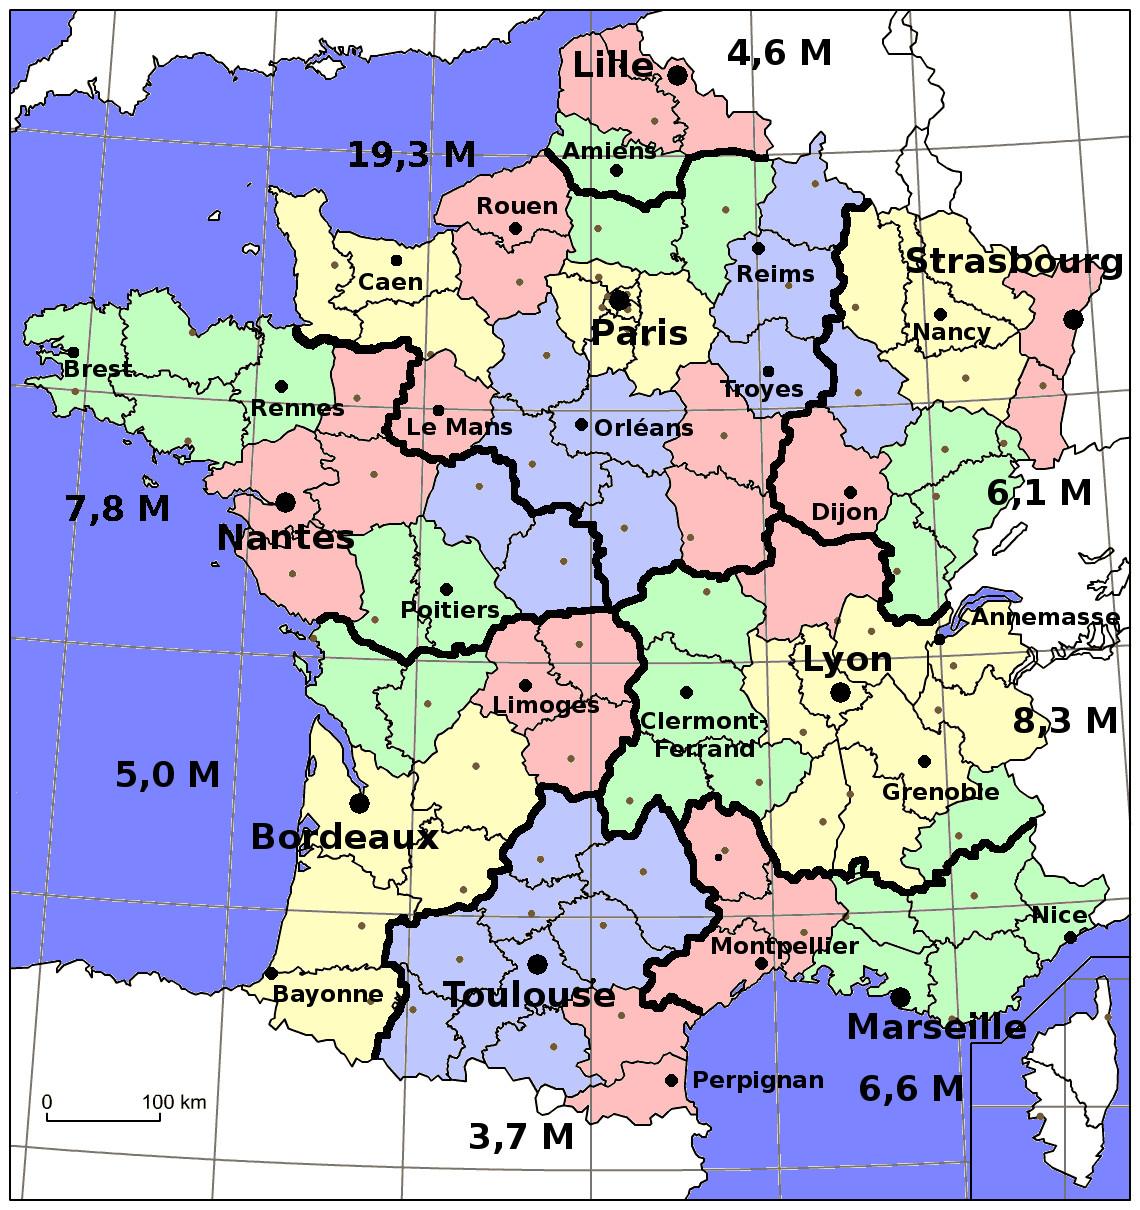 Carte de France découpée en 8 nouvelles régions, avec visibilité des anciennes régions